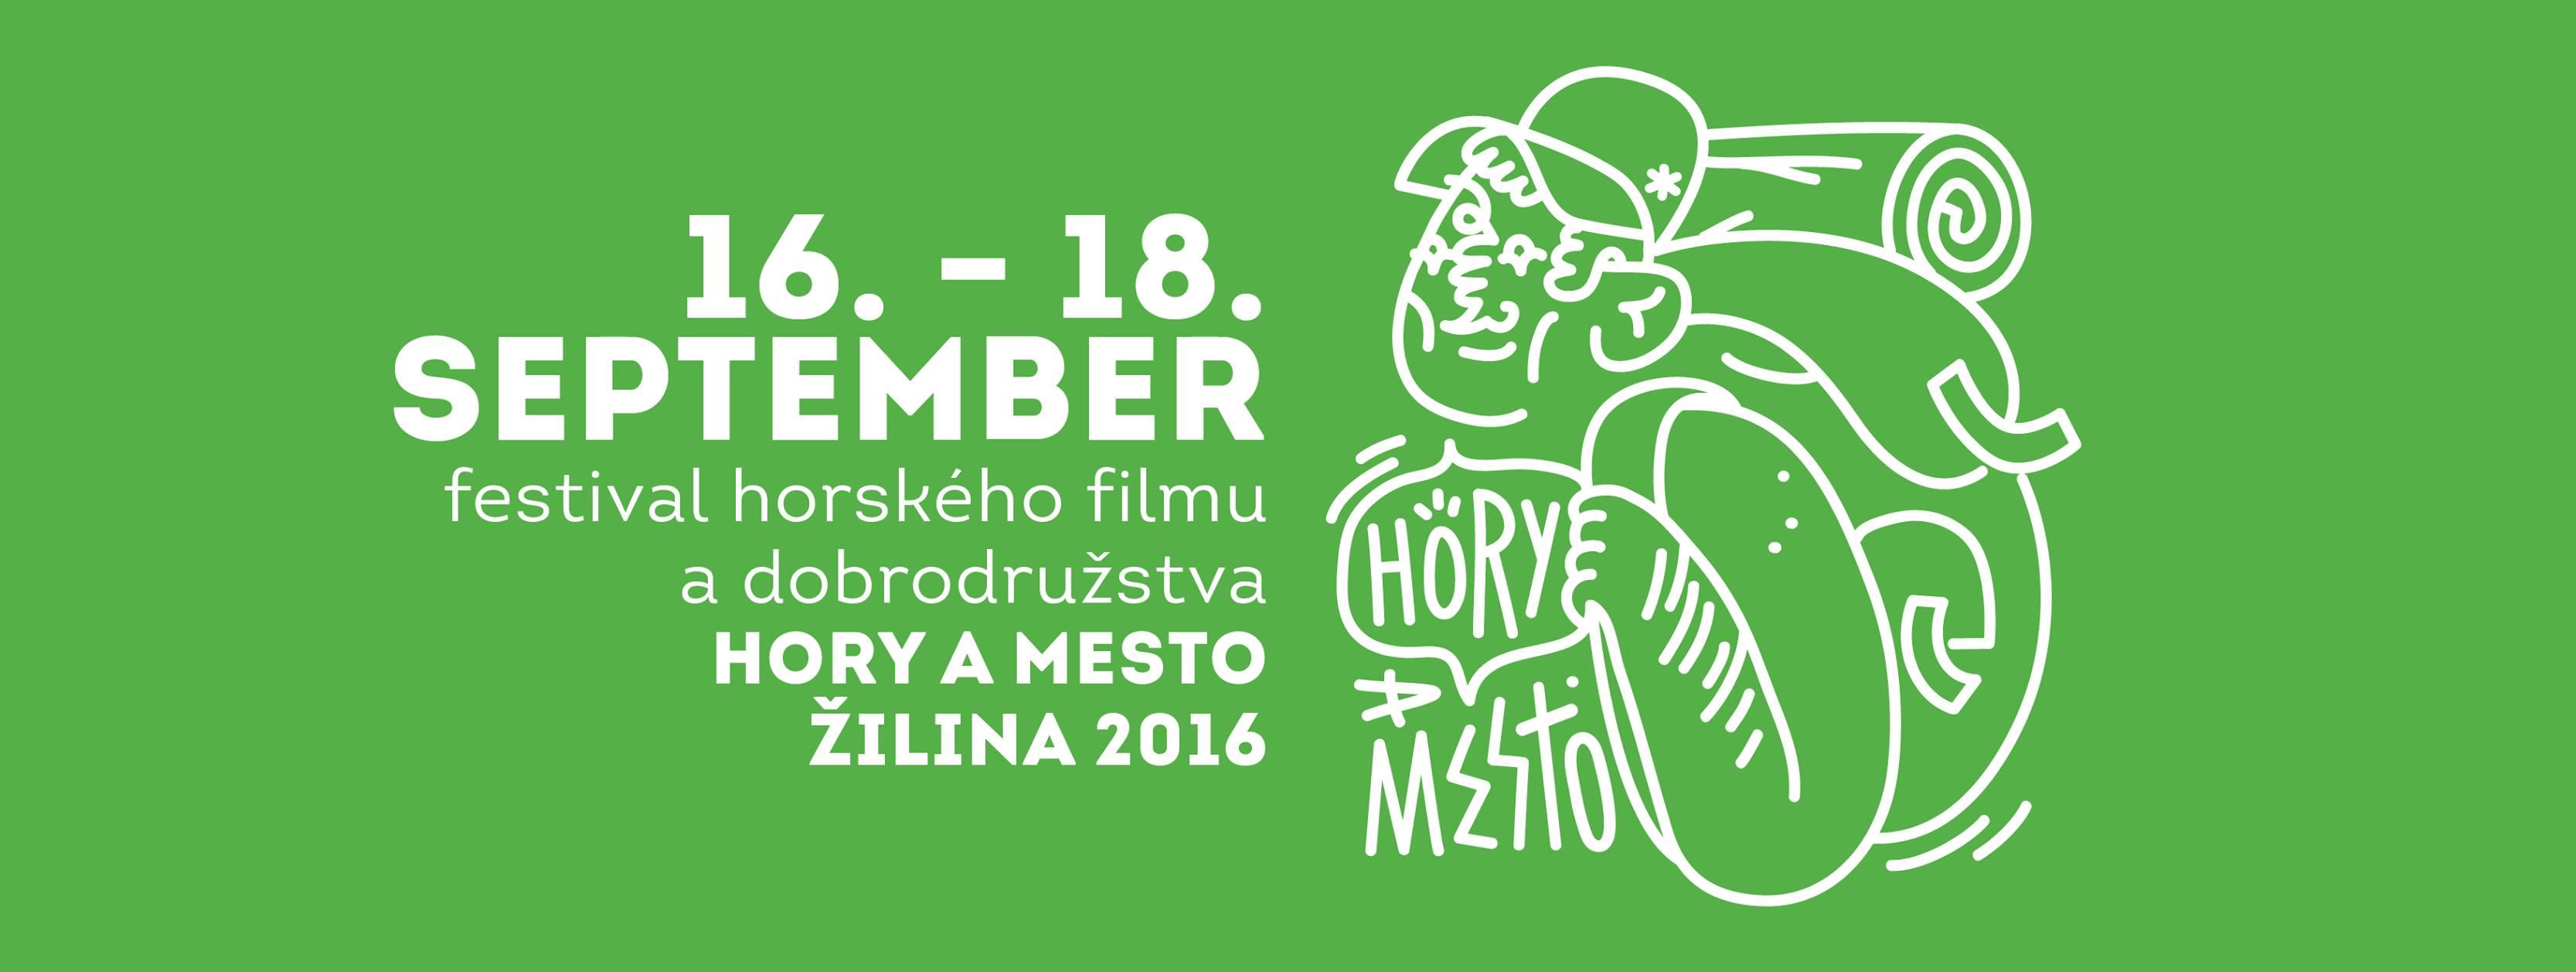 Expresky z hôr 28 - Hory a Mesto Žilina 2016, zdroj: FB event Stanica Žilina-Záriečie